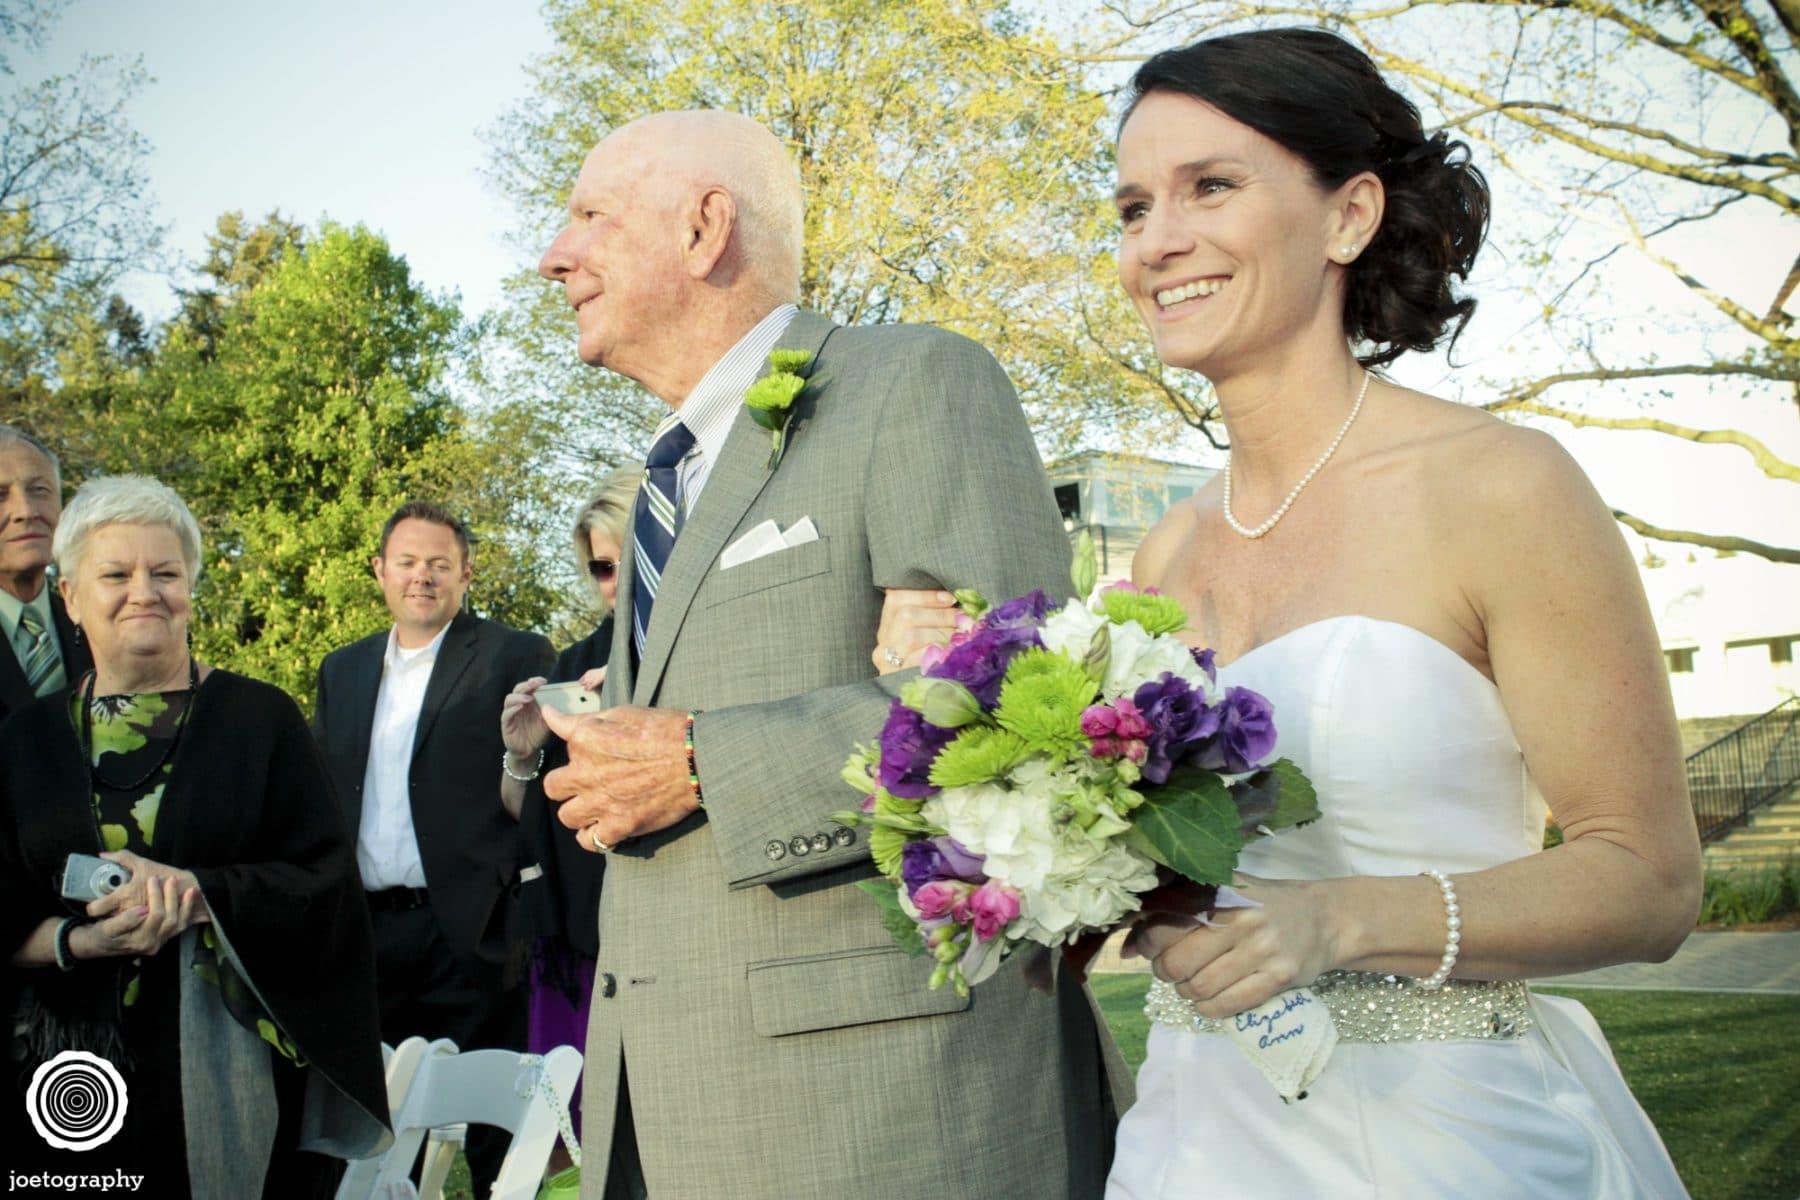 Beedles-Wedding-Photos-Naperville-Illinois-386